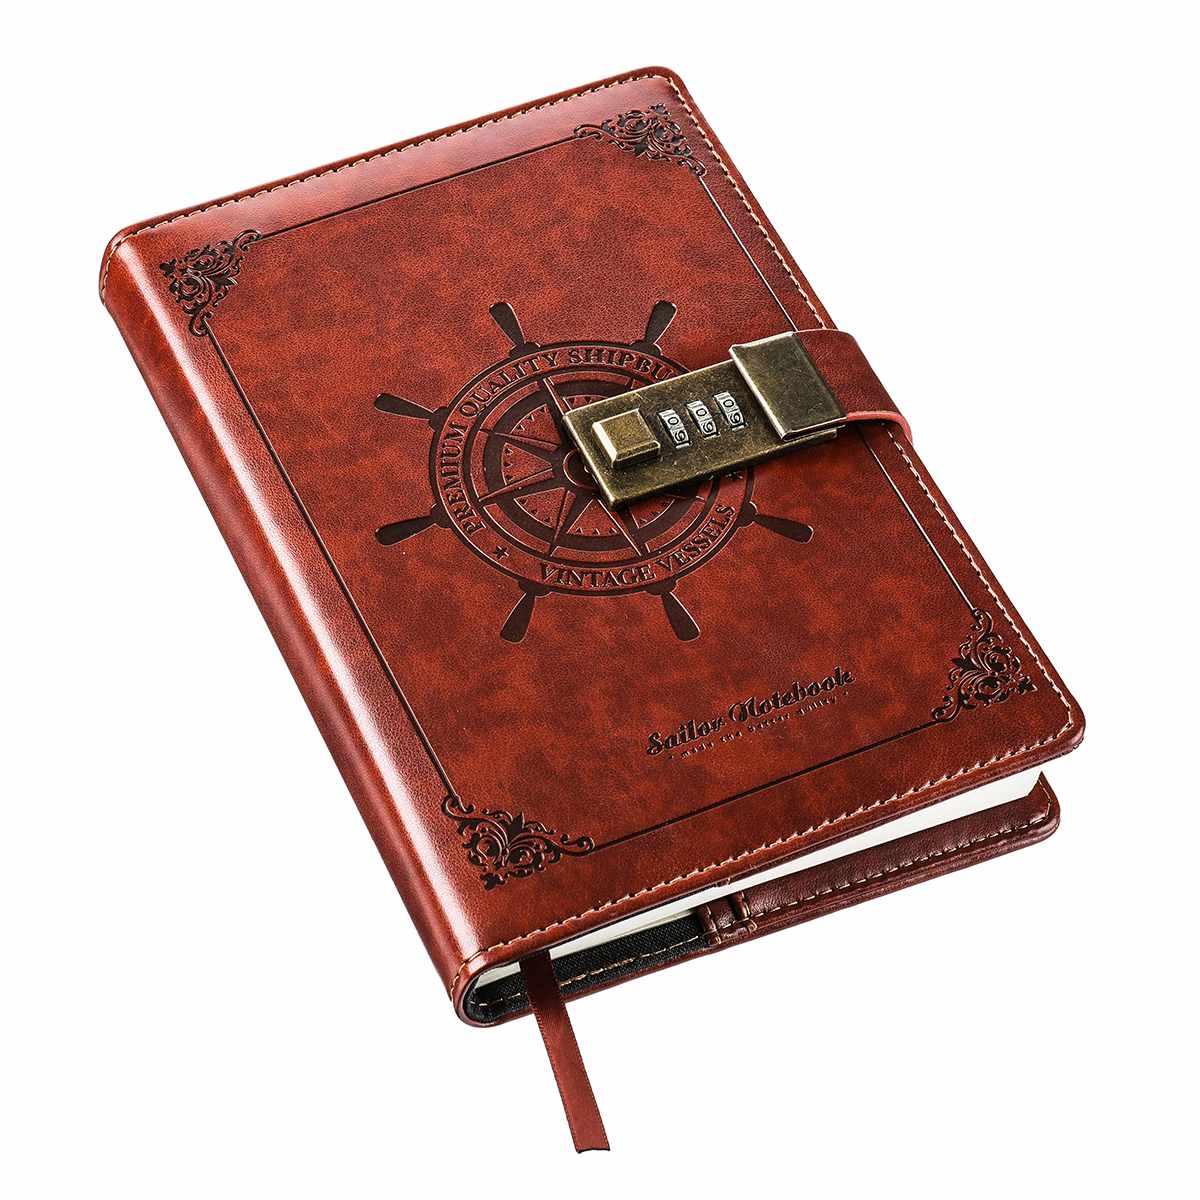 Jianwu Anlage Notebook Kreative Passwort Buch Mit Schloss 2019 Tagebuch Planer Kawaii Weichen Abdeckung Persönlichen Kugel Journal Kawaii Office & School Supplies